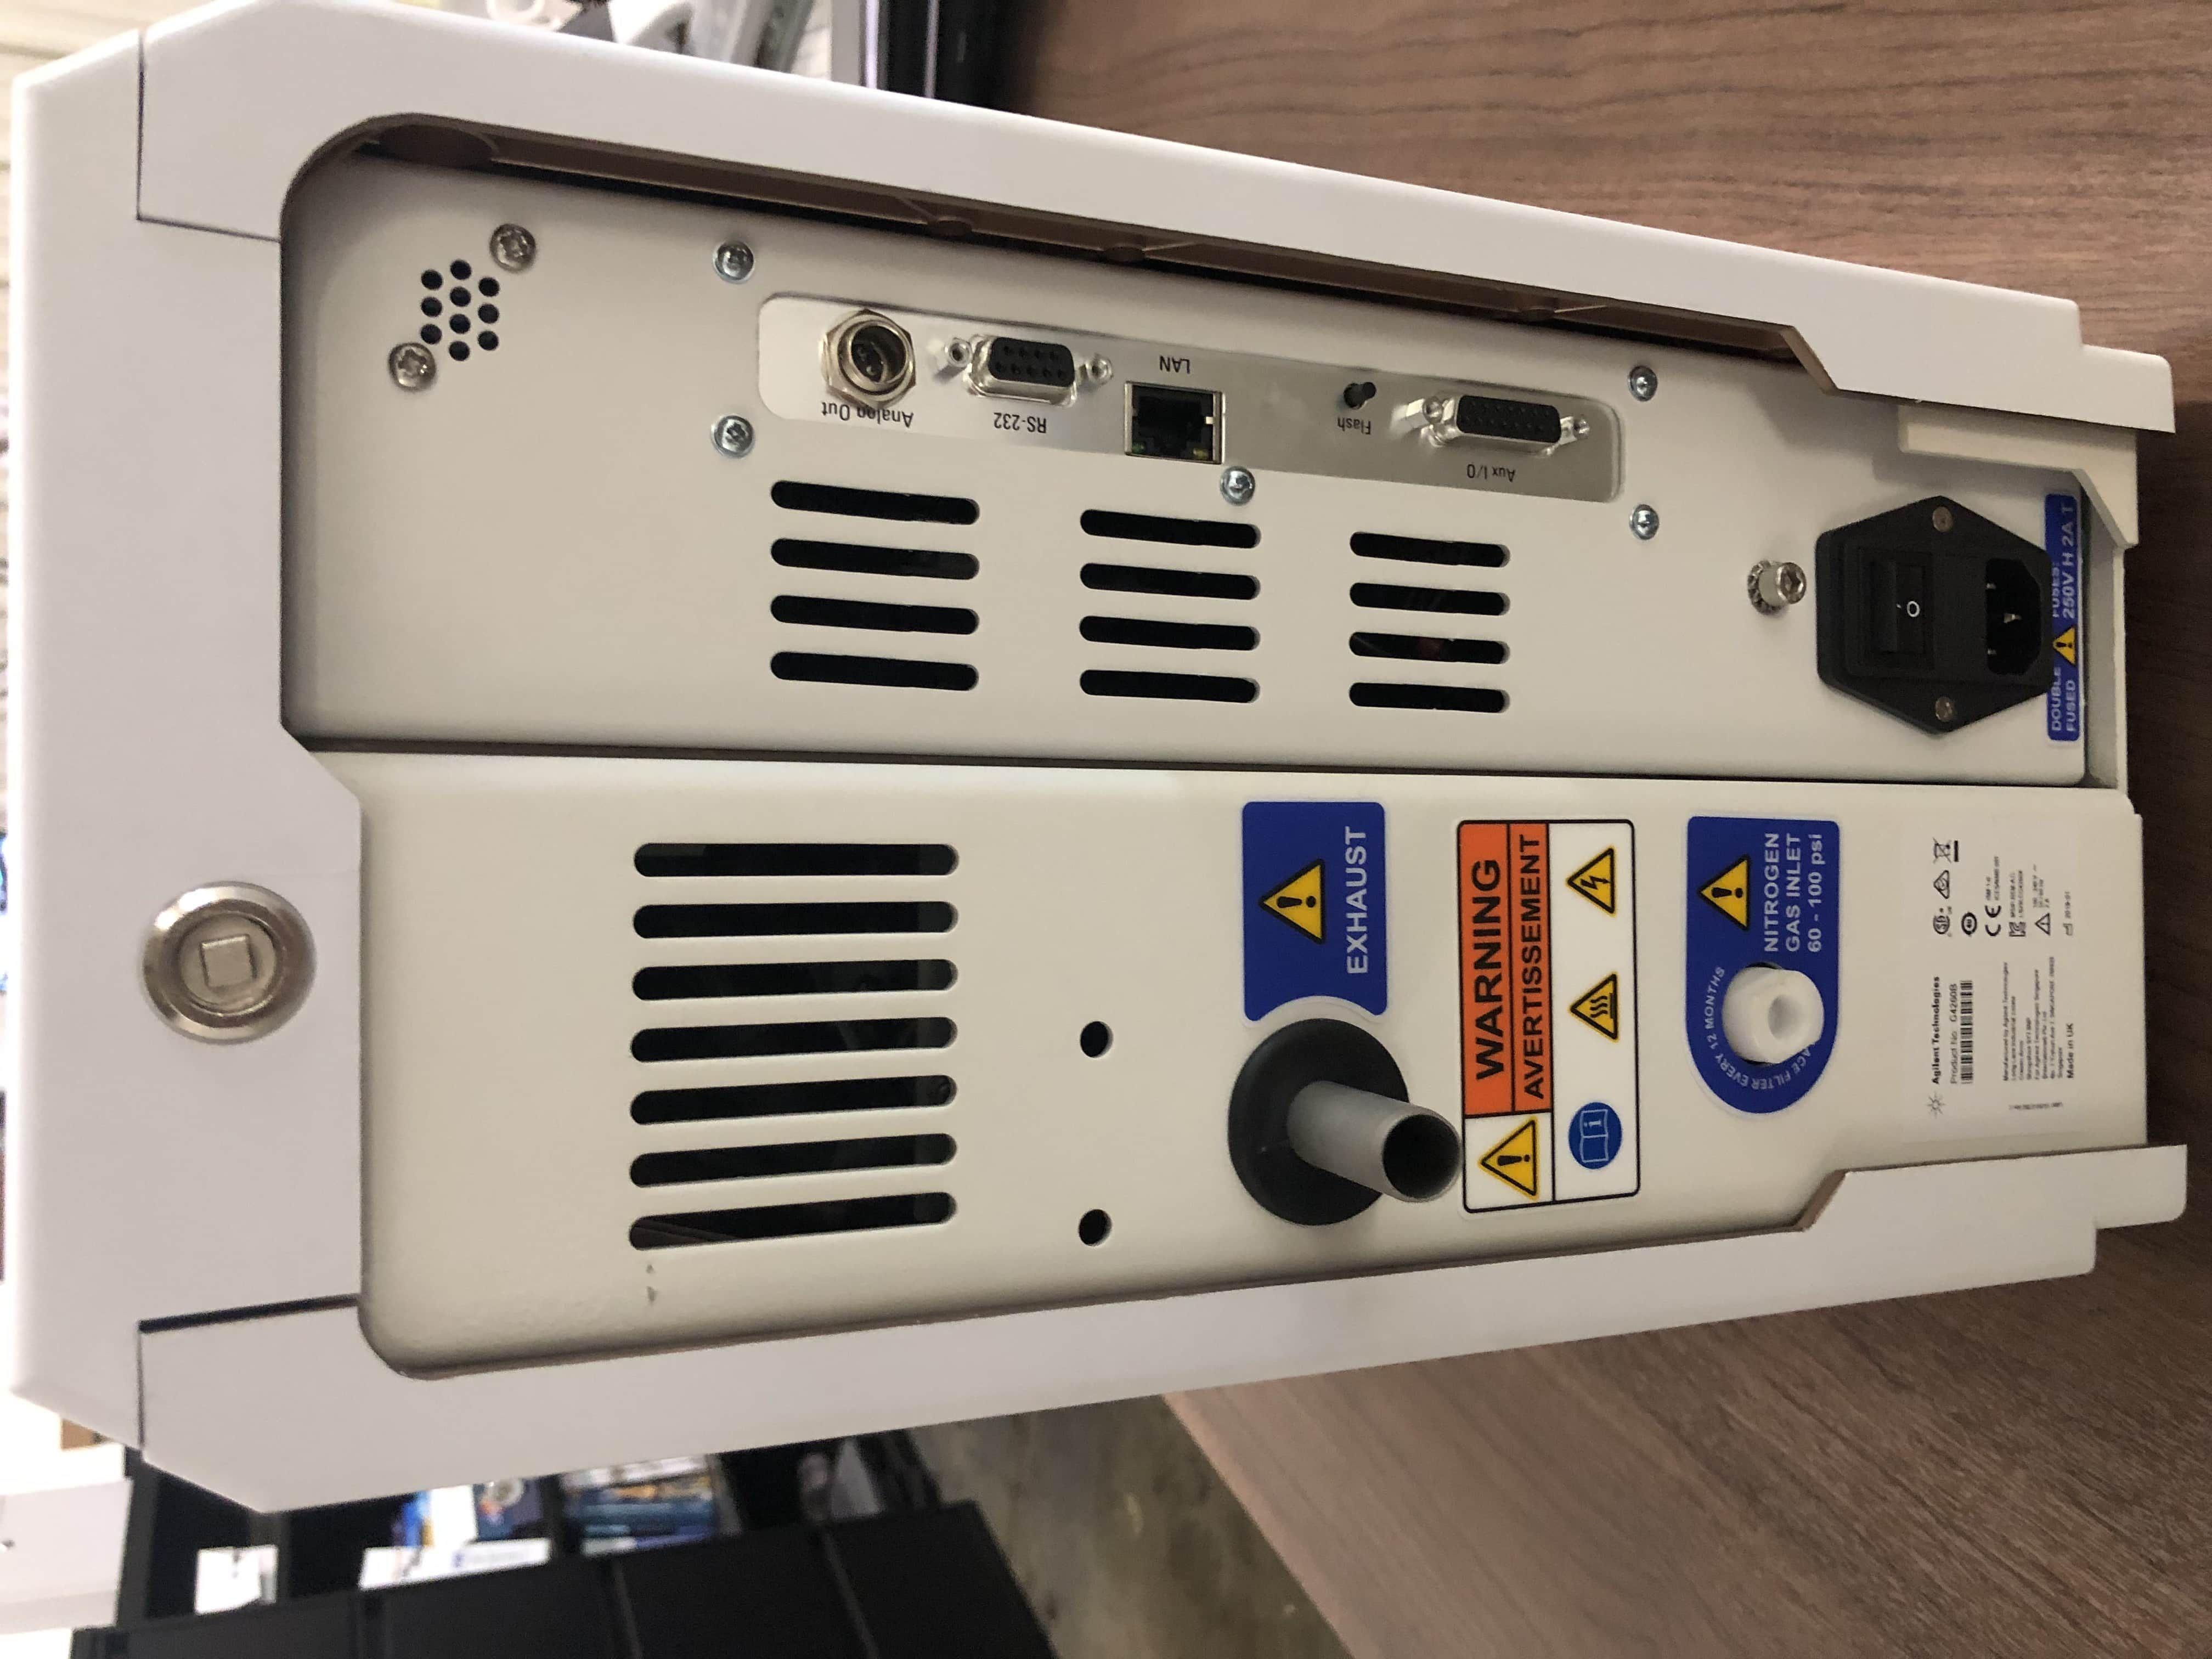 Agilent 1260 Infinity II Evaporative Light Scattering Detector